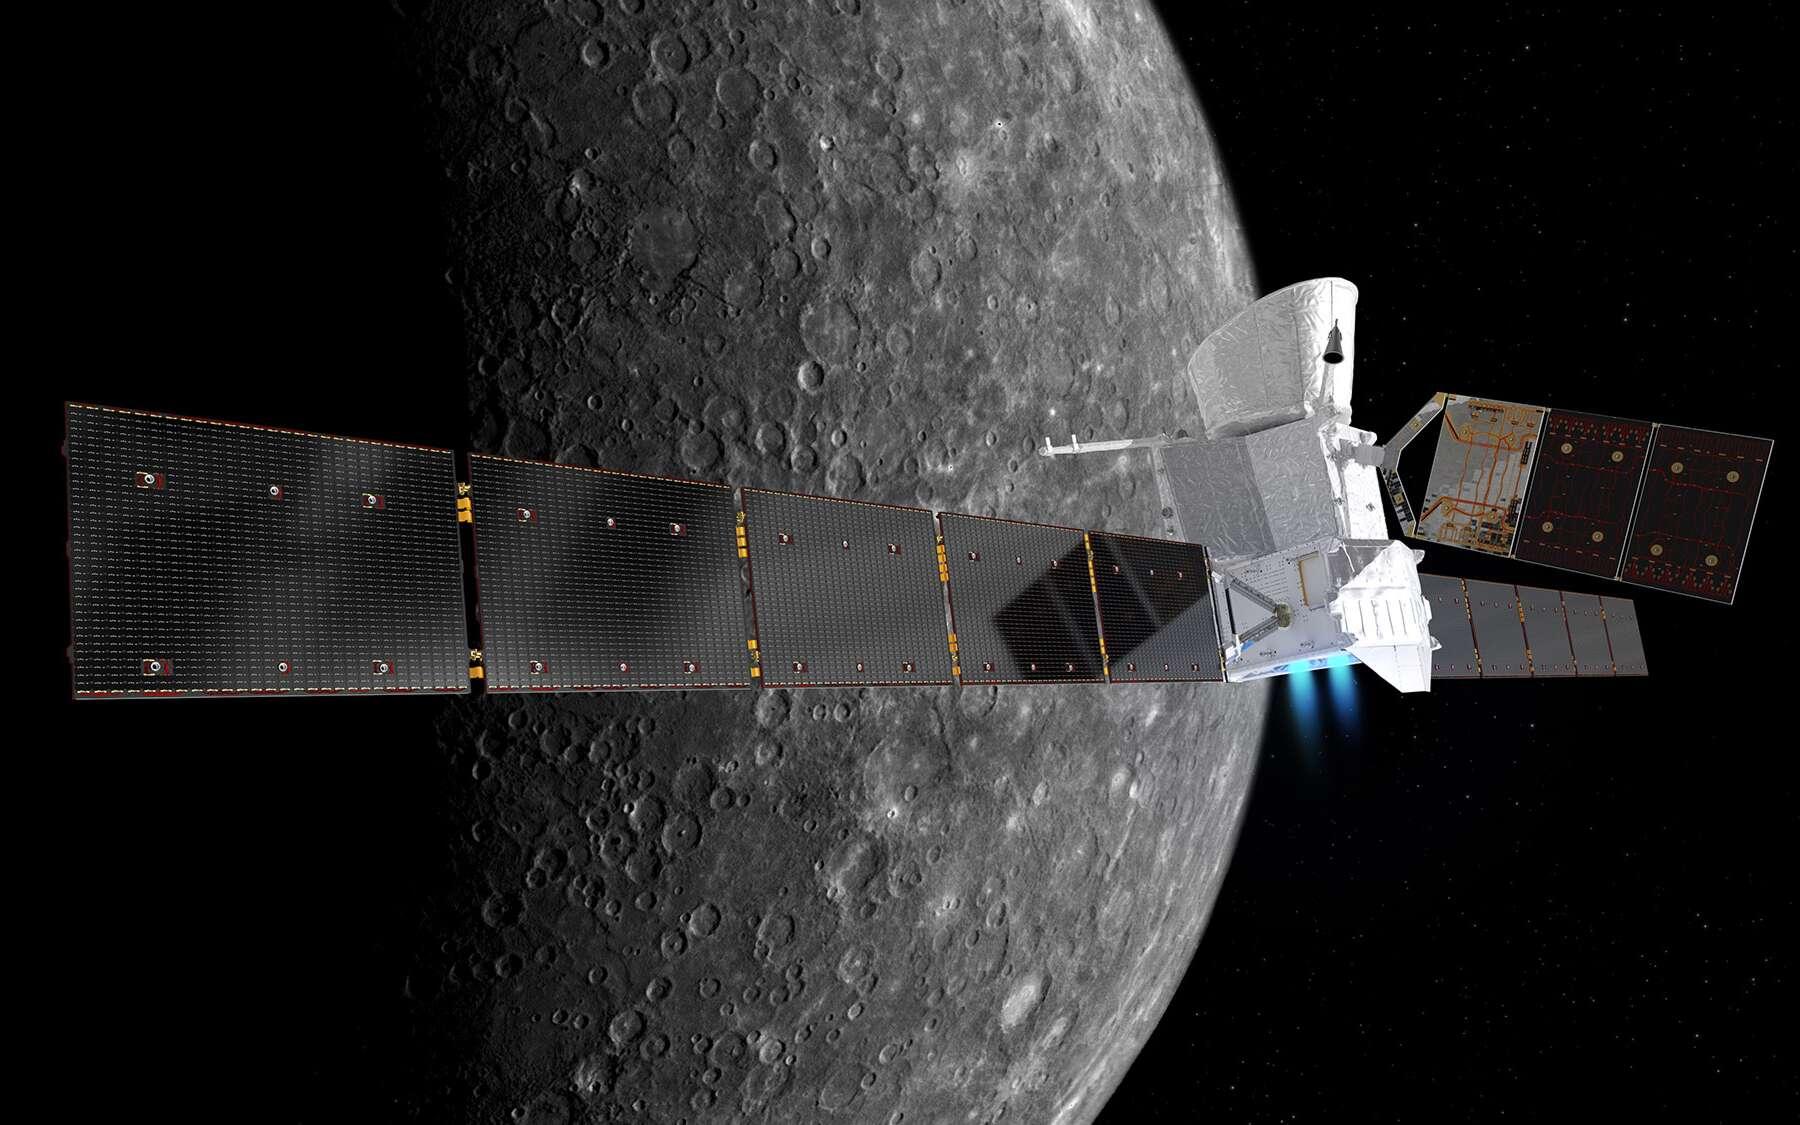 Vue d'artiste de la sonde BepiColombo avant que les modules qui la composent se séparent pour réaliser leur mission. © BepiColombo : ESA/ATG medialab / Mercure : NASA/JPL